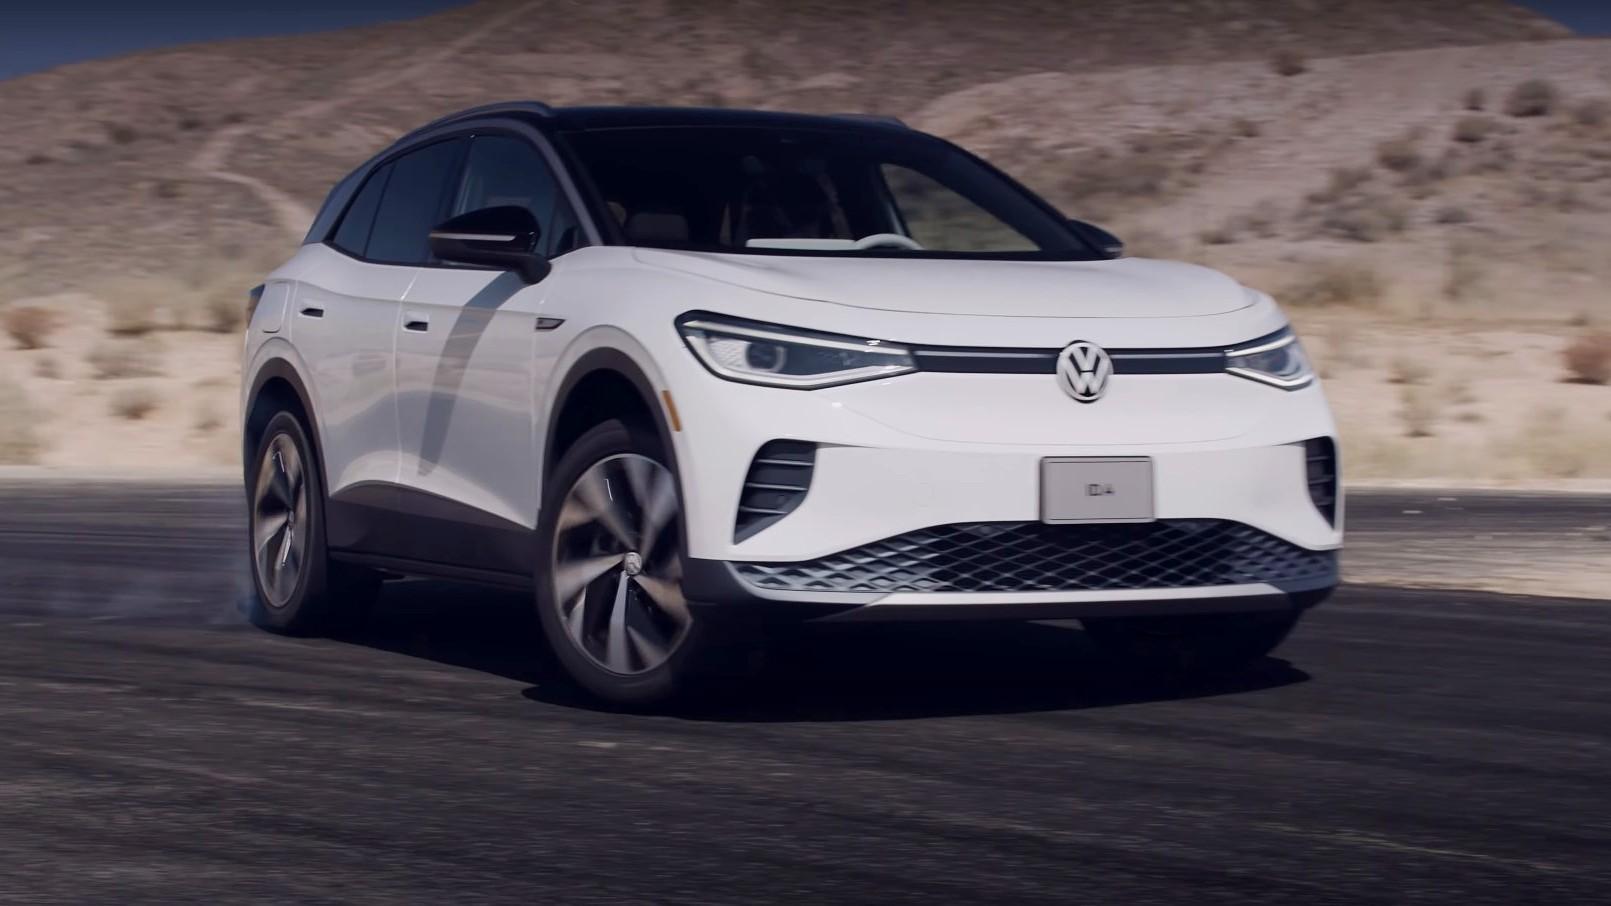 Το ηλεκτρικό Volkswagen ID.4 κάνει drift! [video]